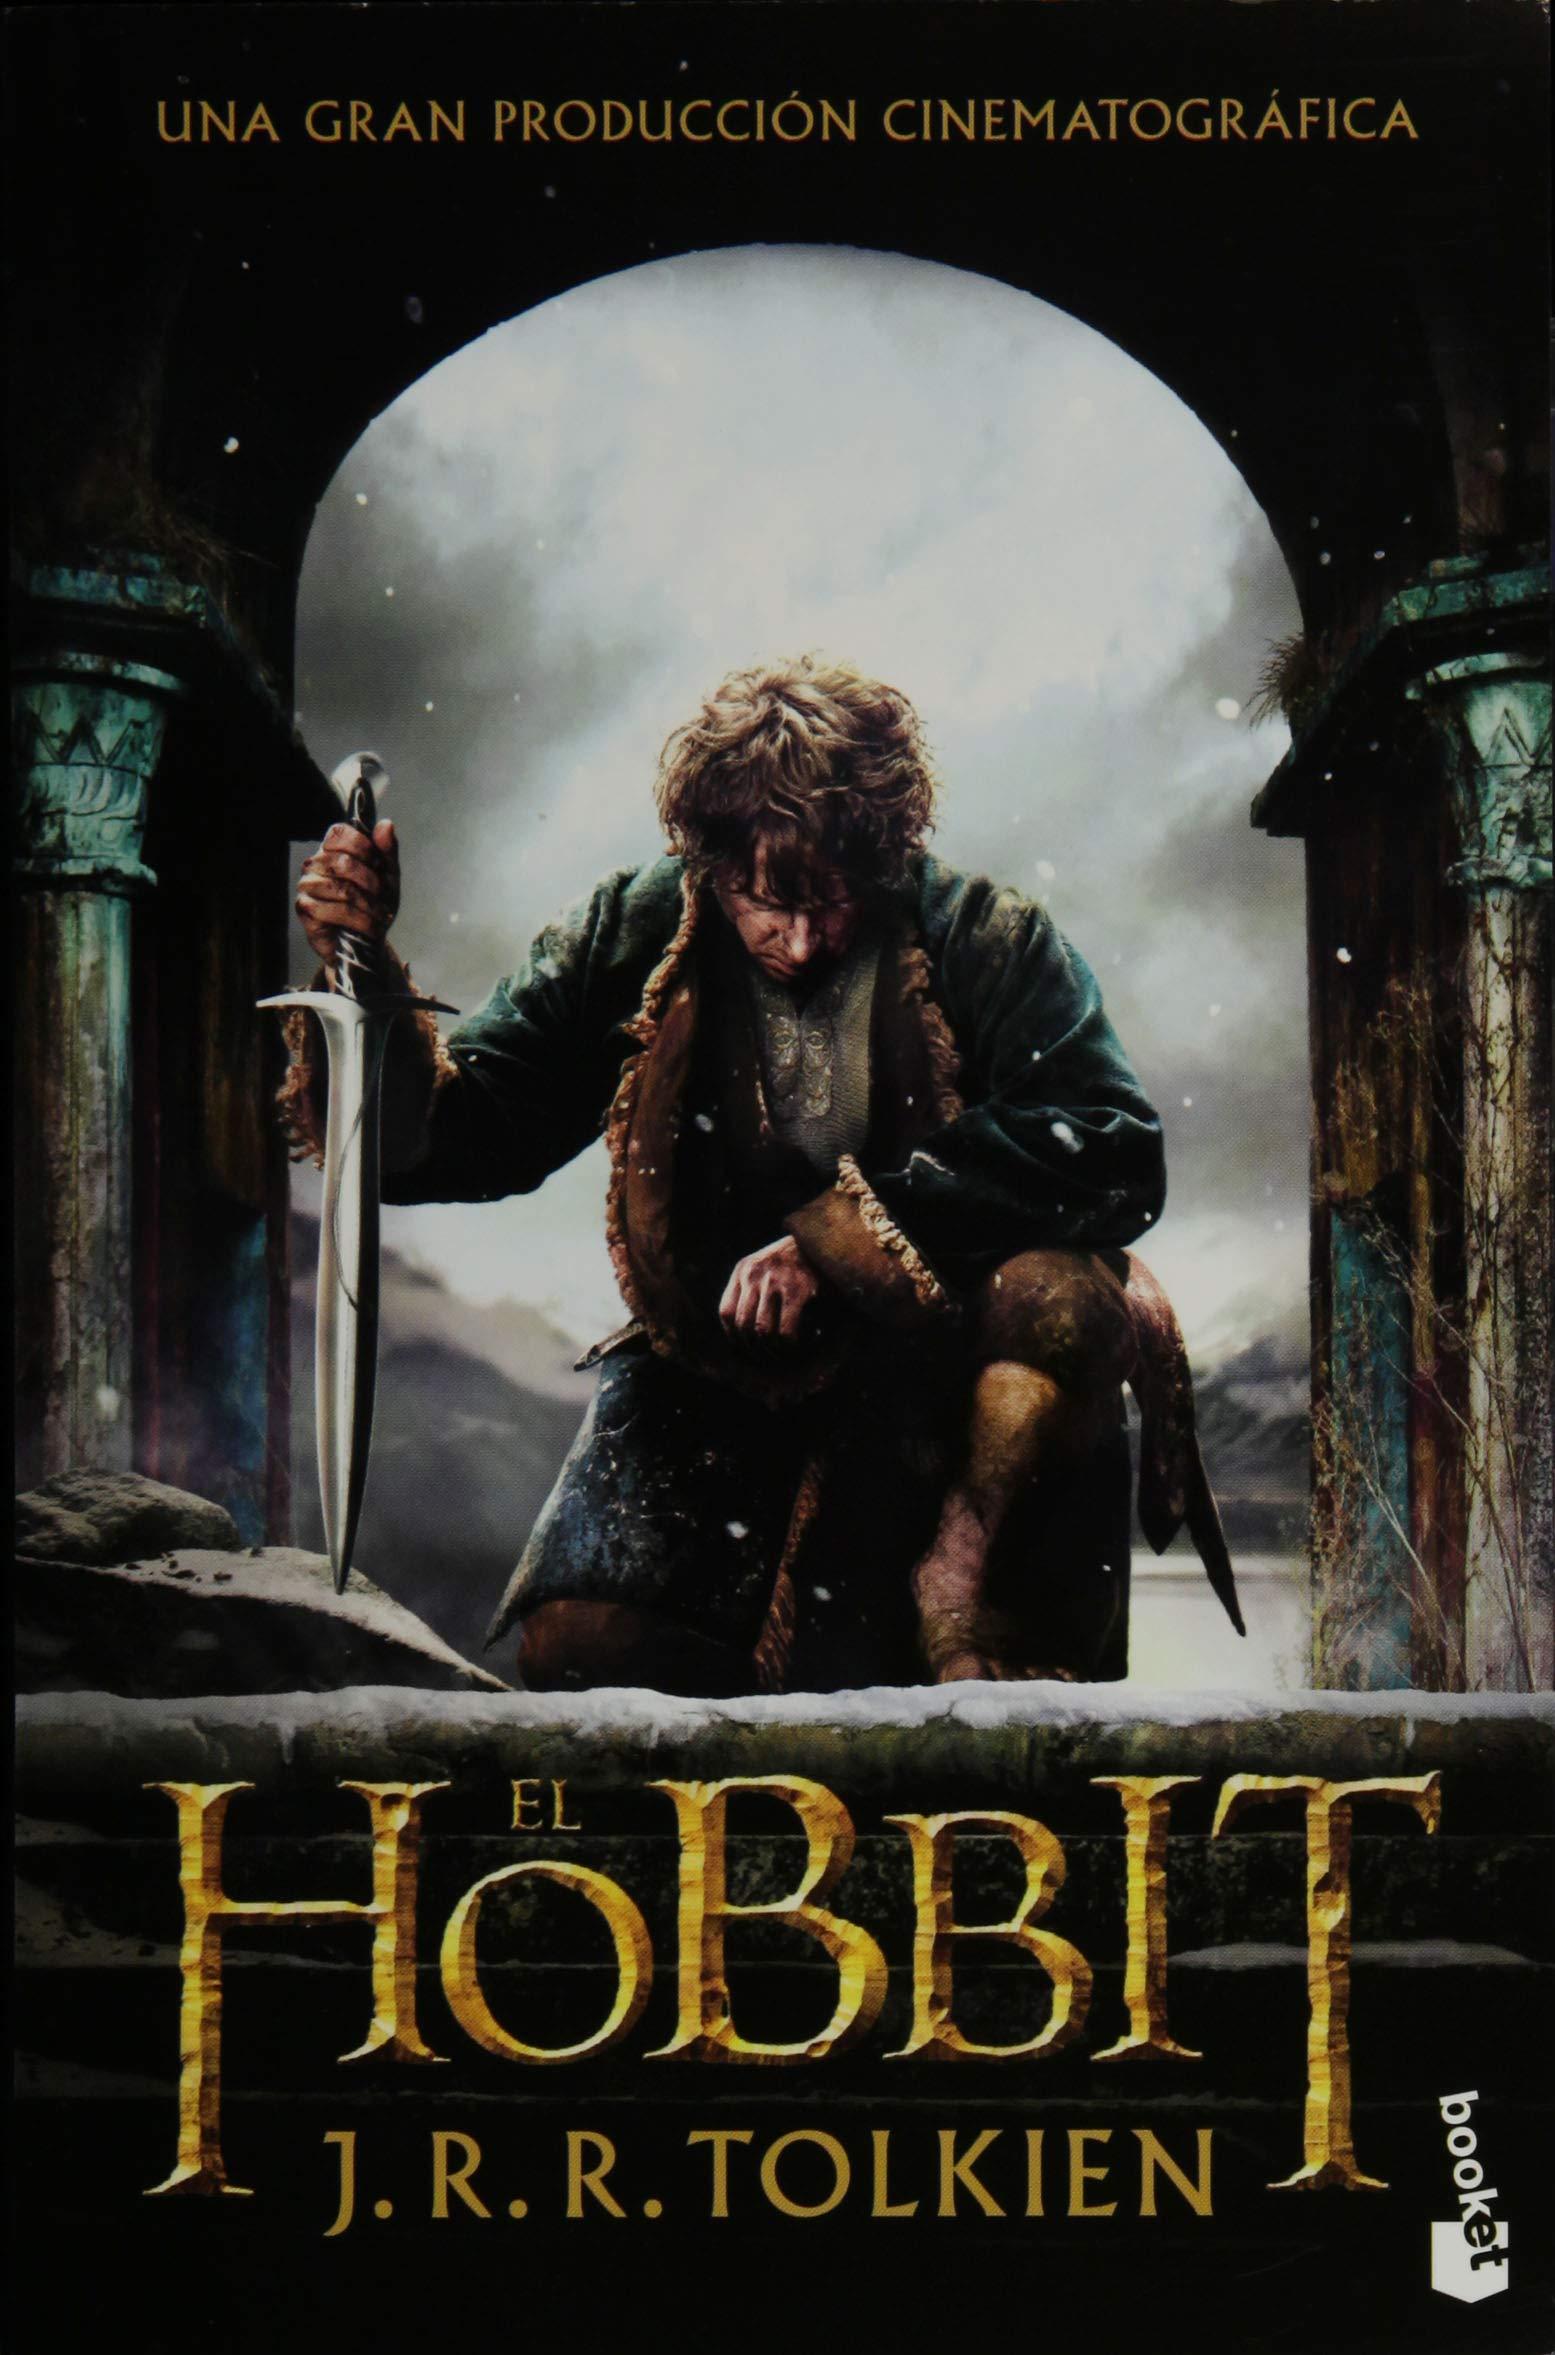 El Hobbit (Mti): Amazon.es: Tolkien, J. R. R.: Libros